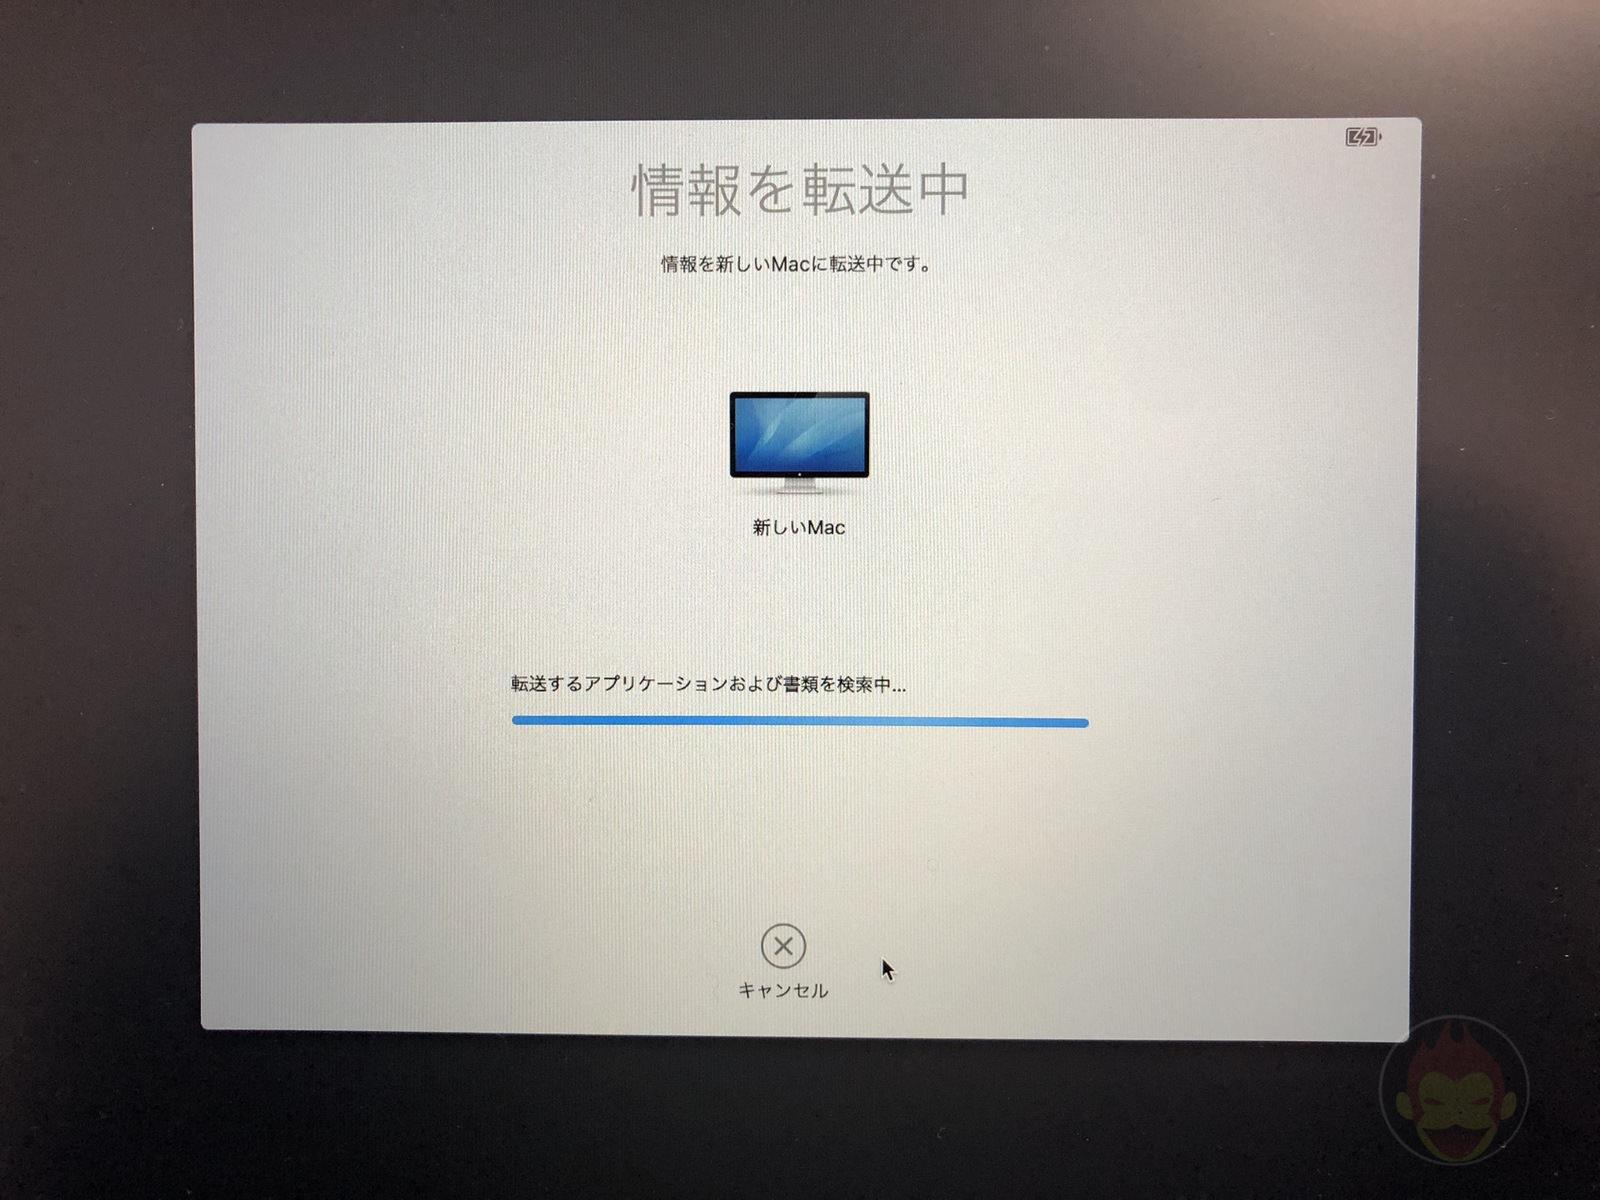 How-to-reset-macOS-on-Mac-76.jpg